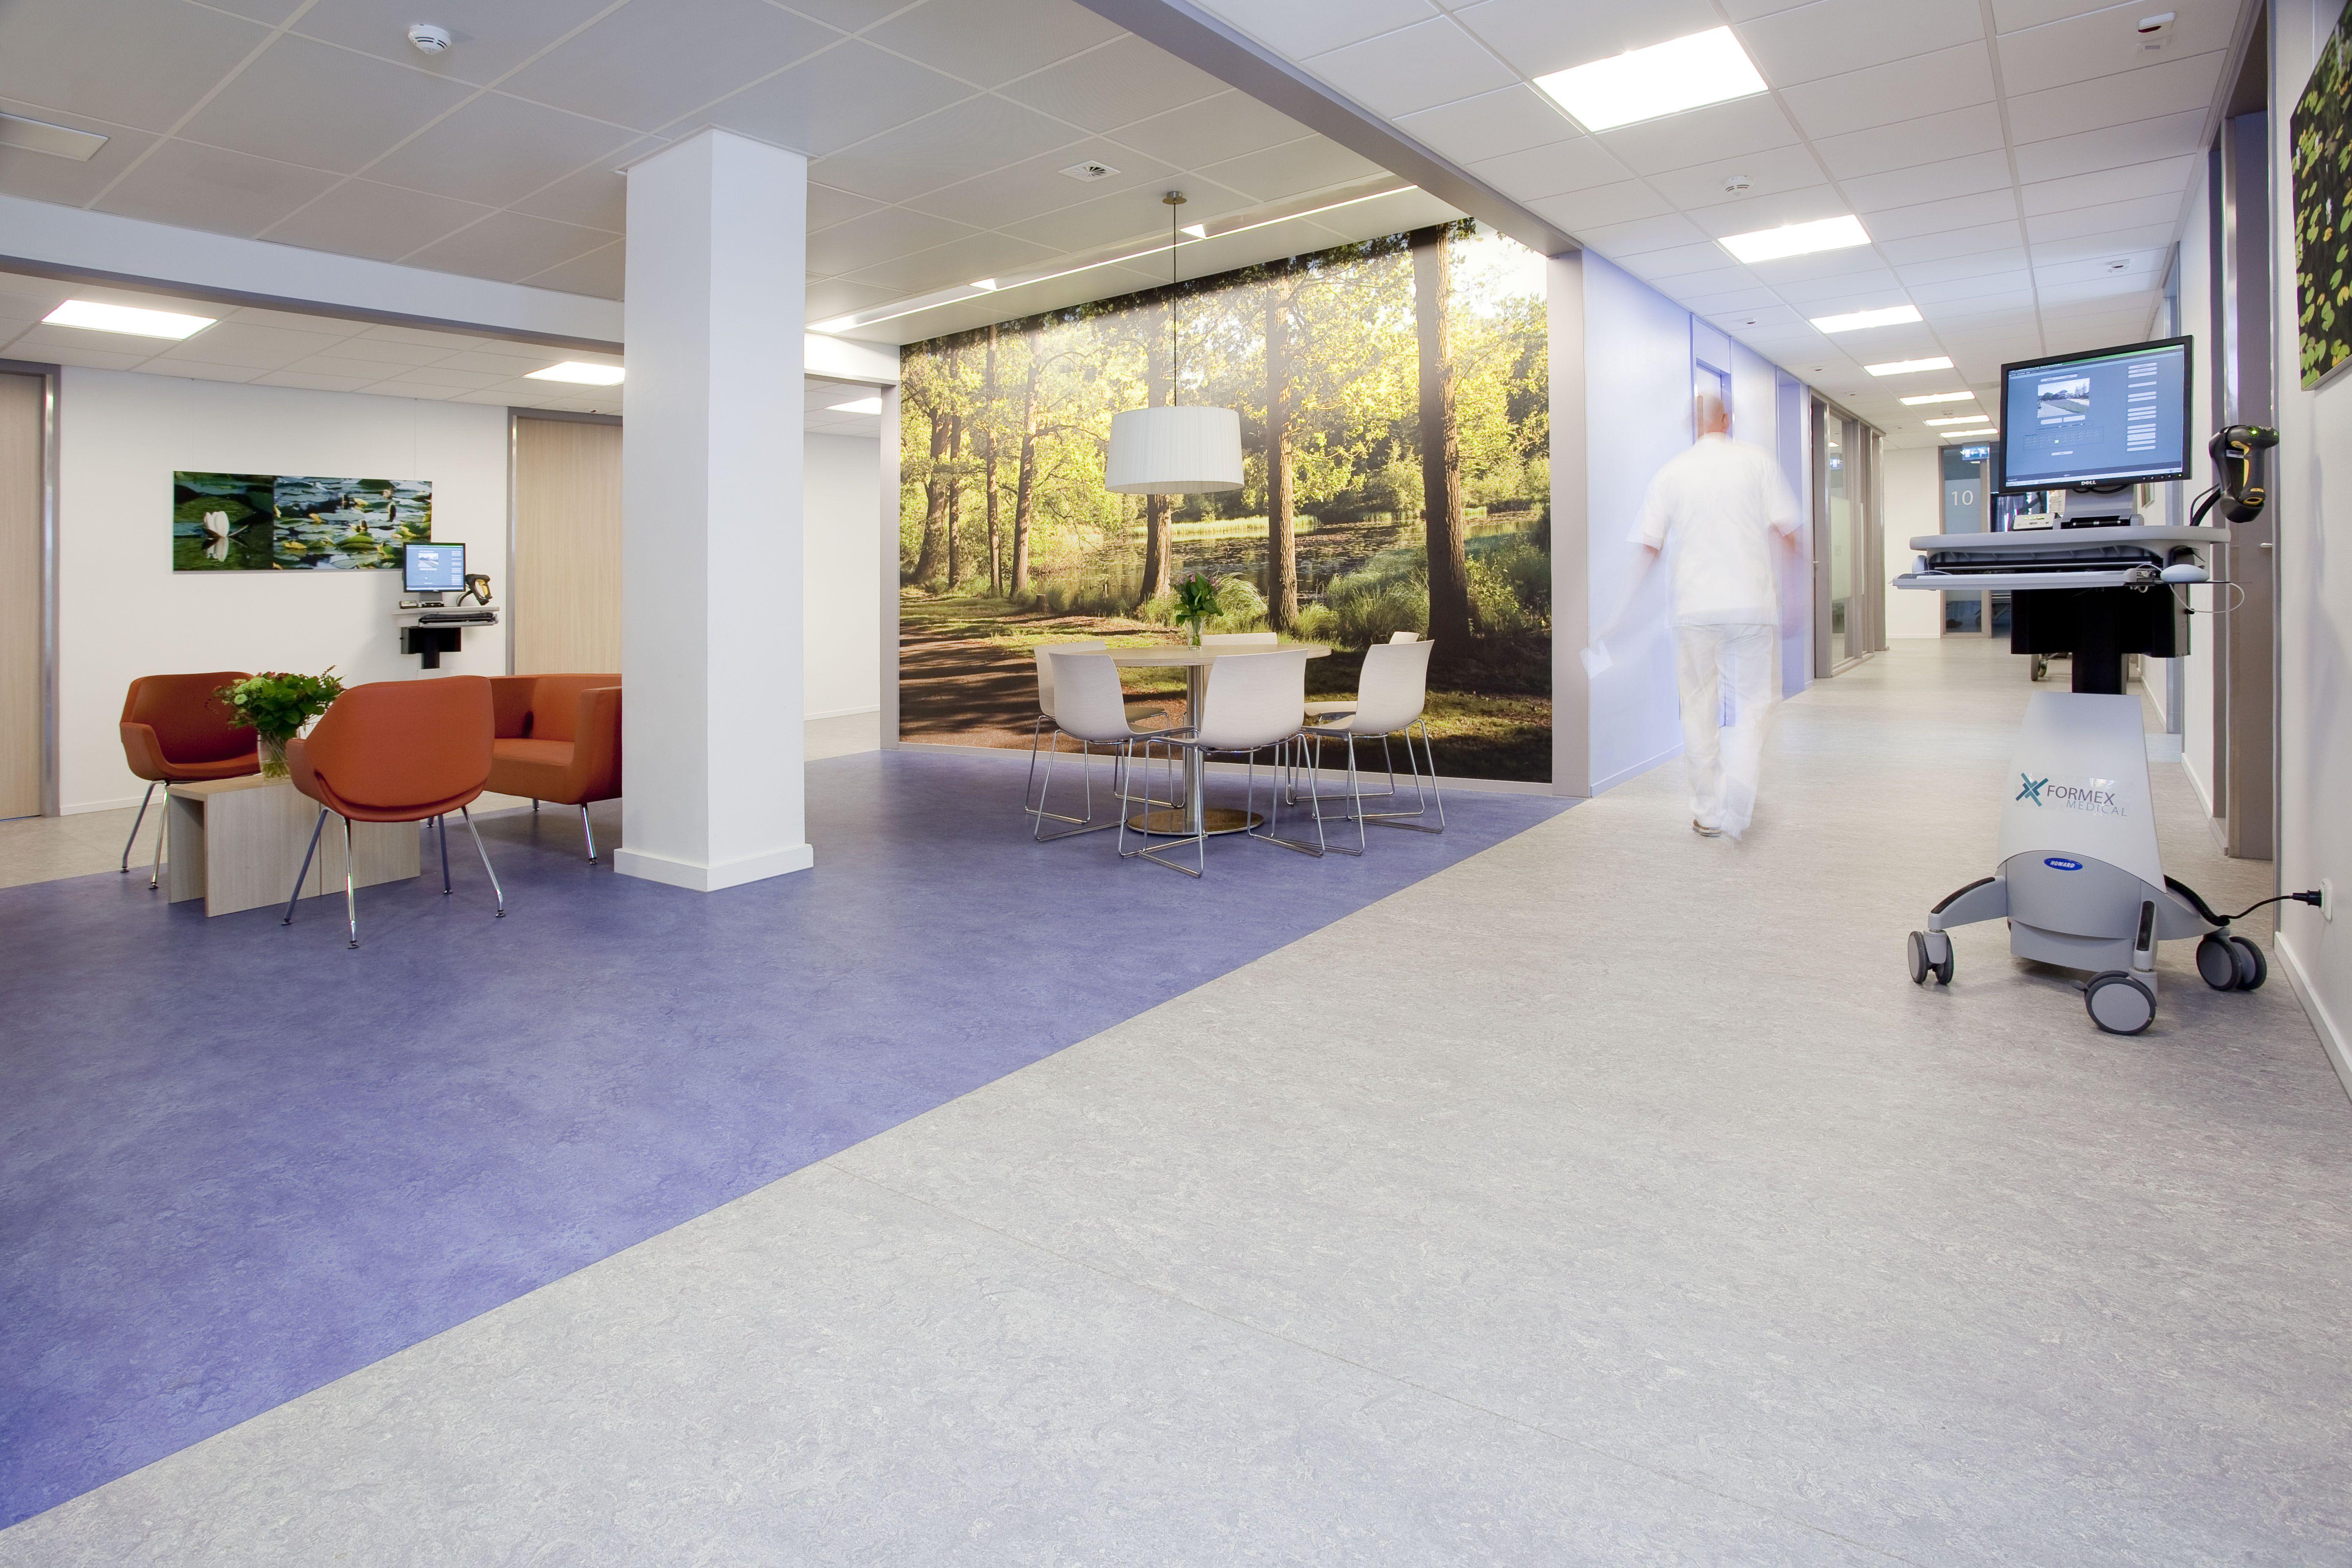 hospital st elisabeth tilburg the netherlands marmoleum real